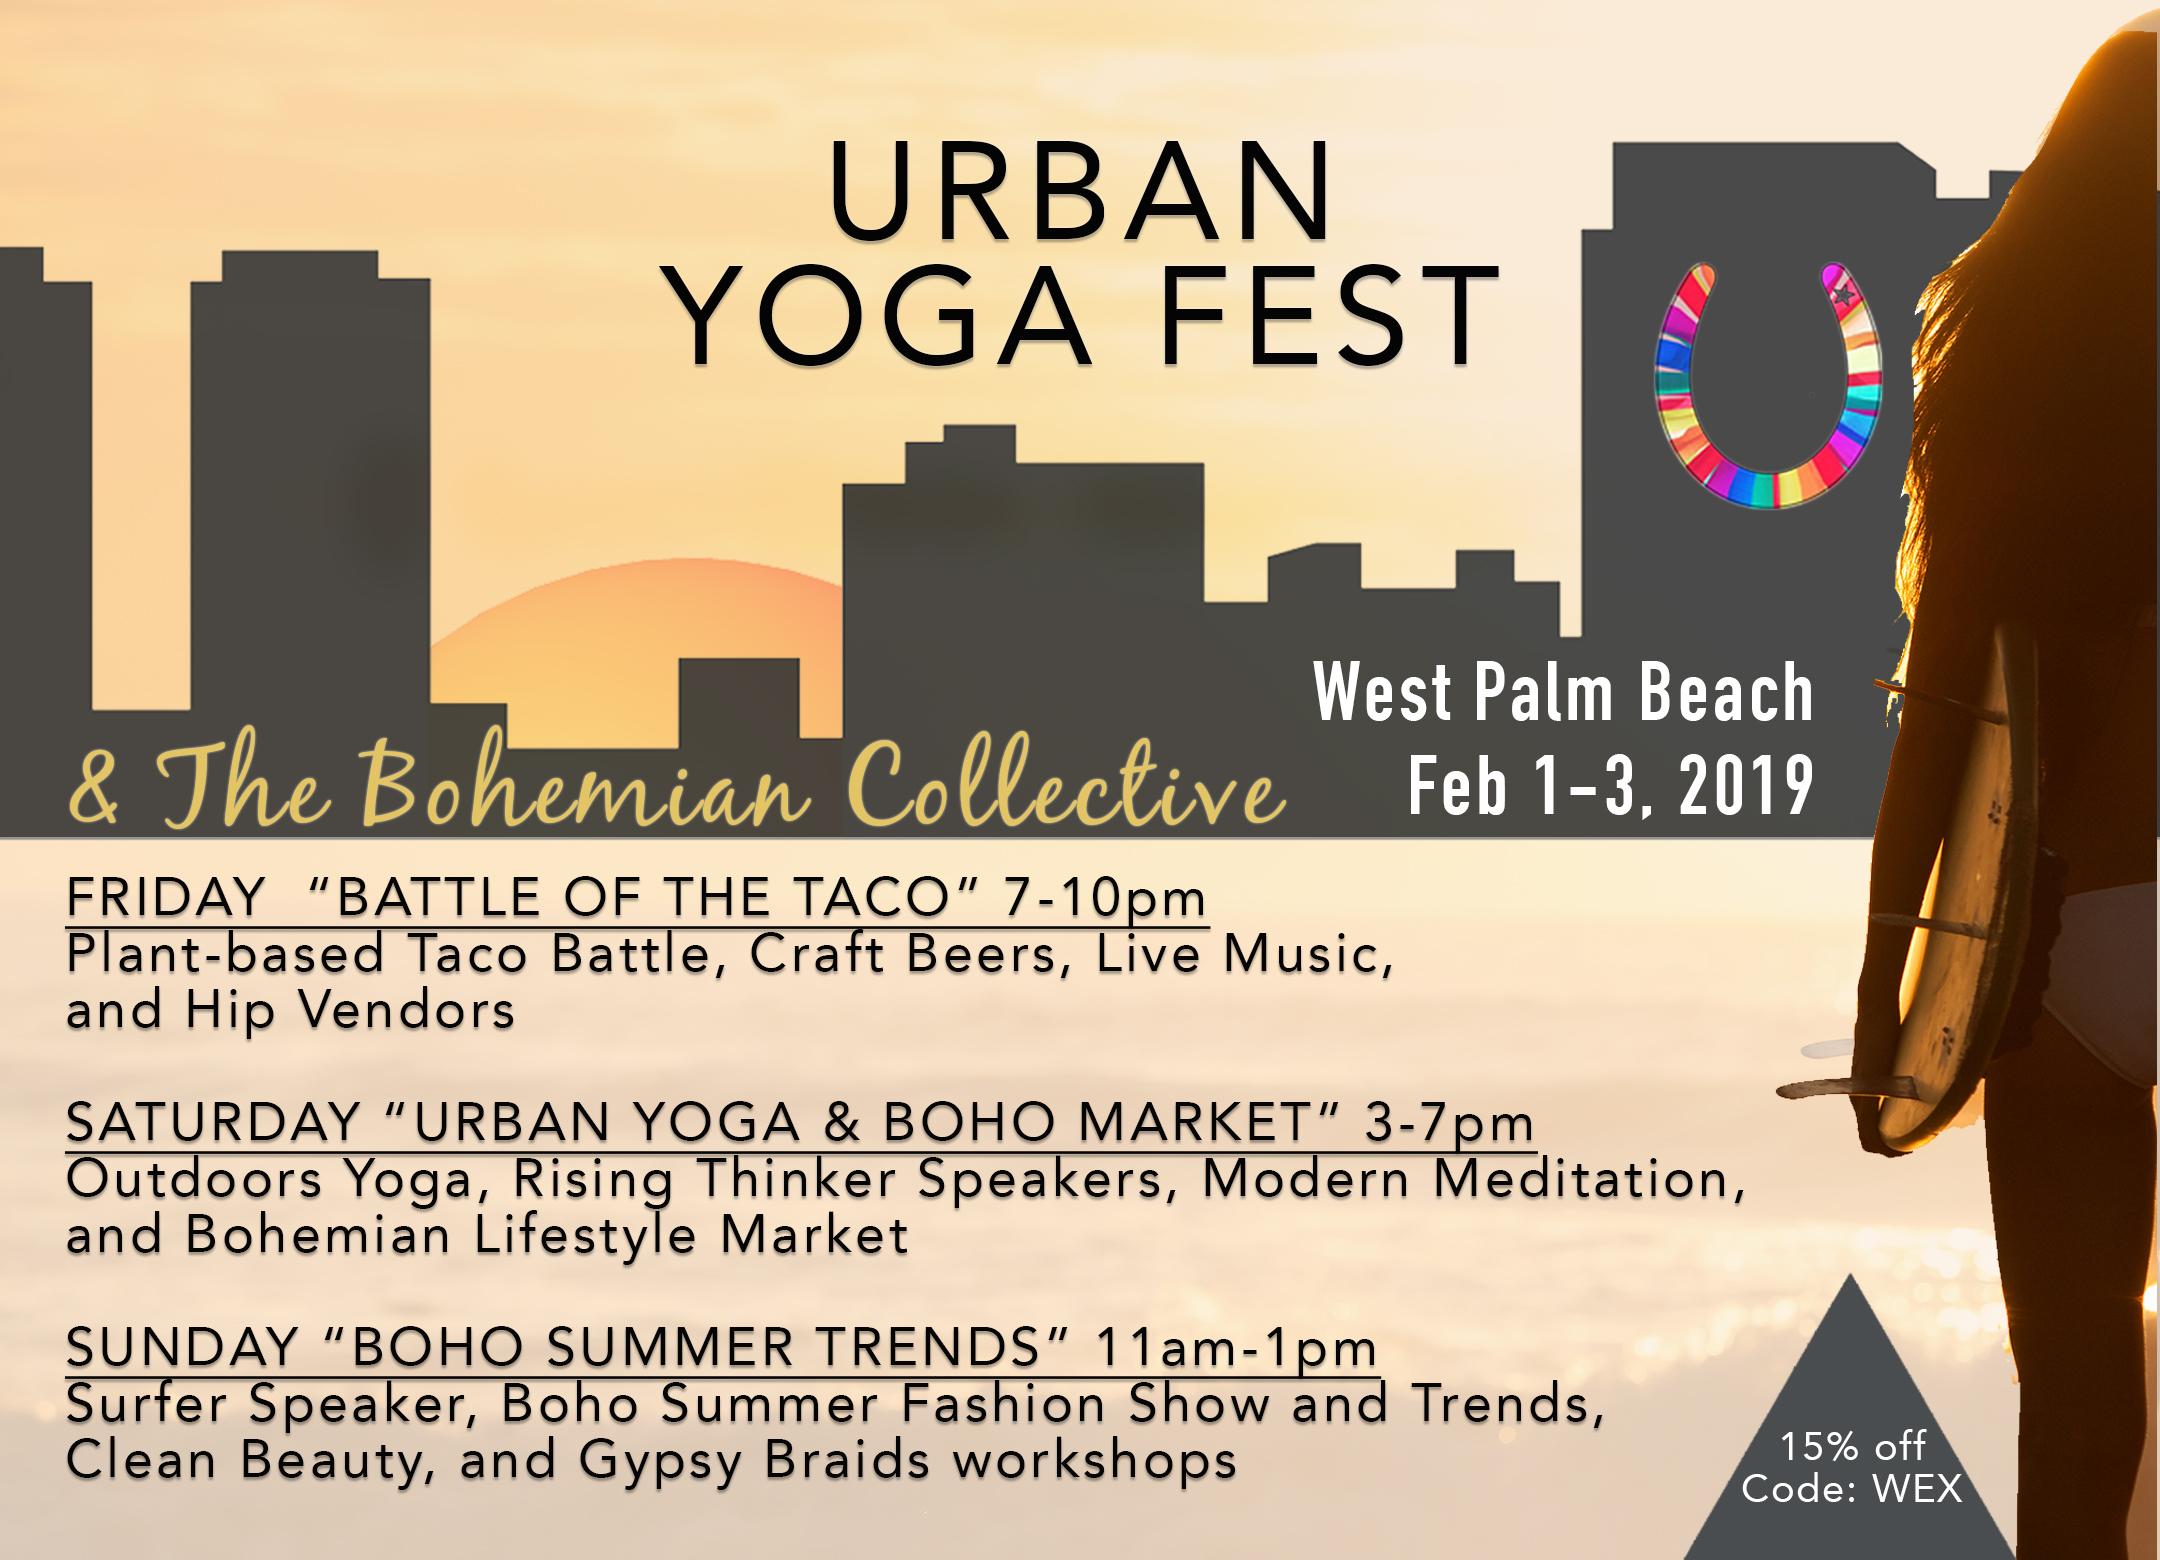 urban+yoga+fest.jpg